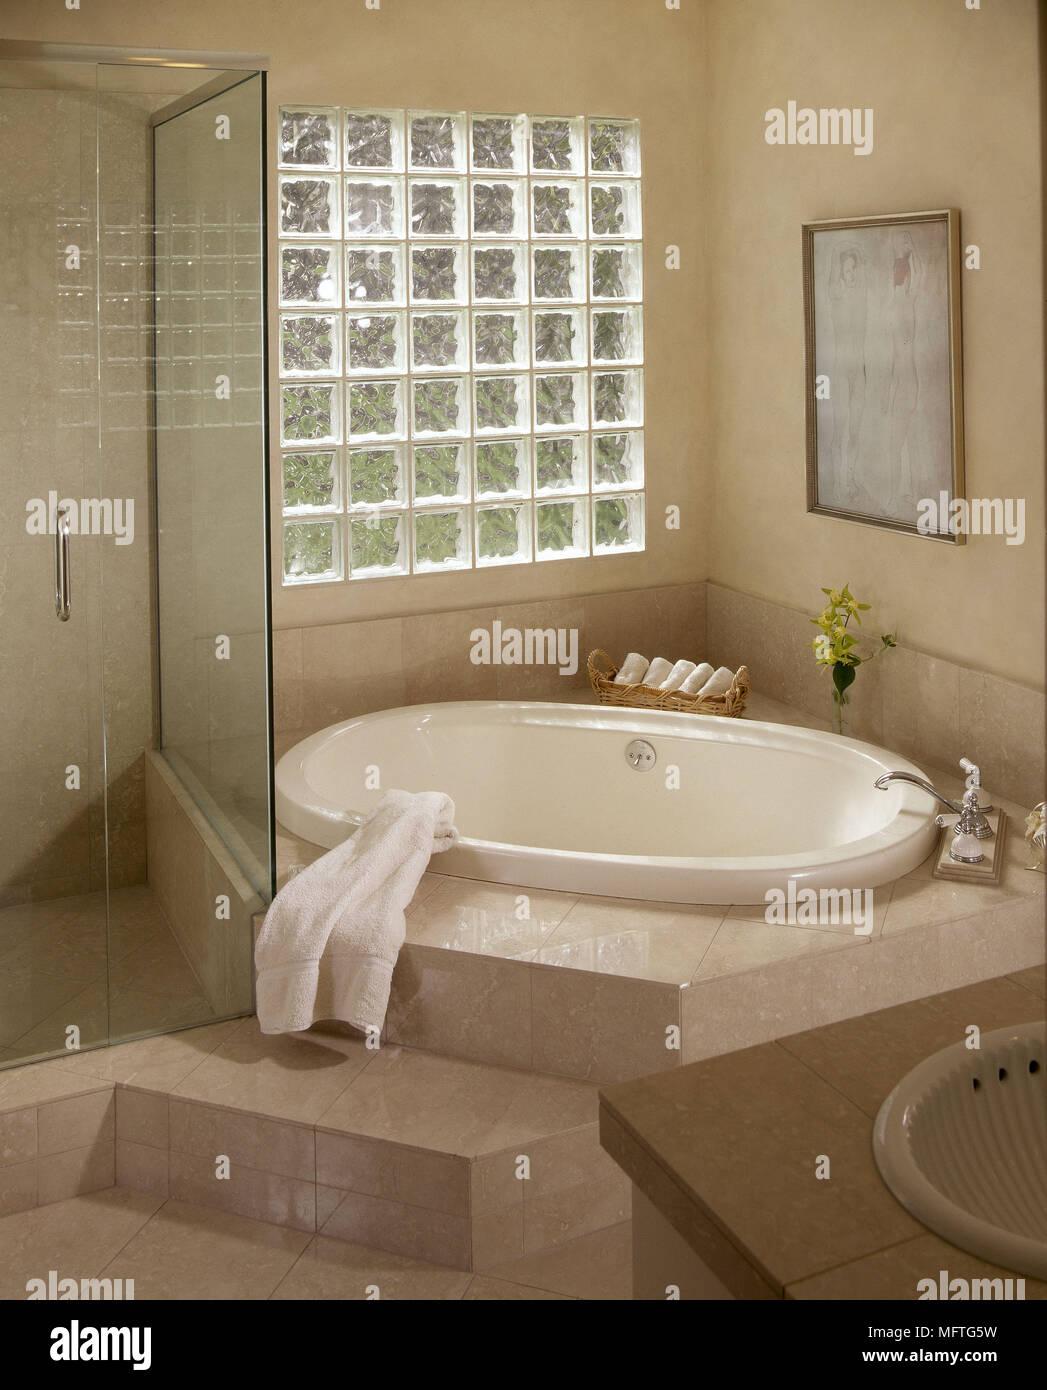 Carrelage Salle De Bain Ile De La Reunion ~ salle de bains baignoire encastr e moderne en brique de verre verre